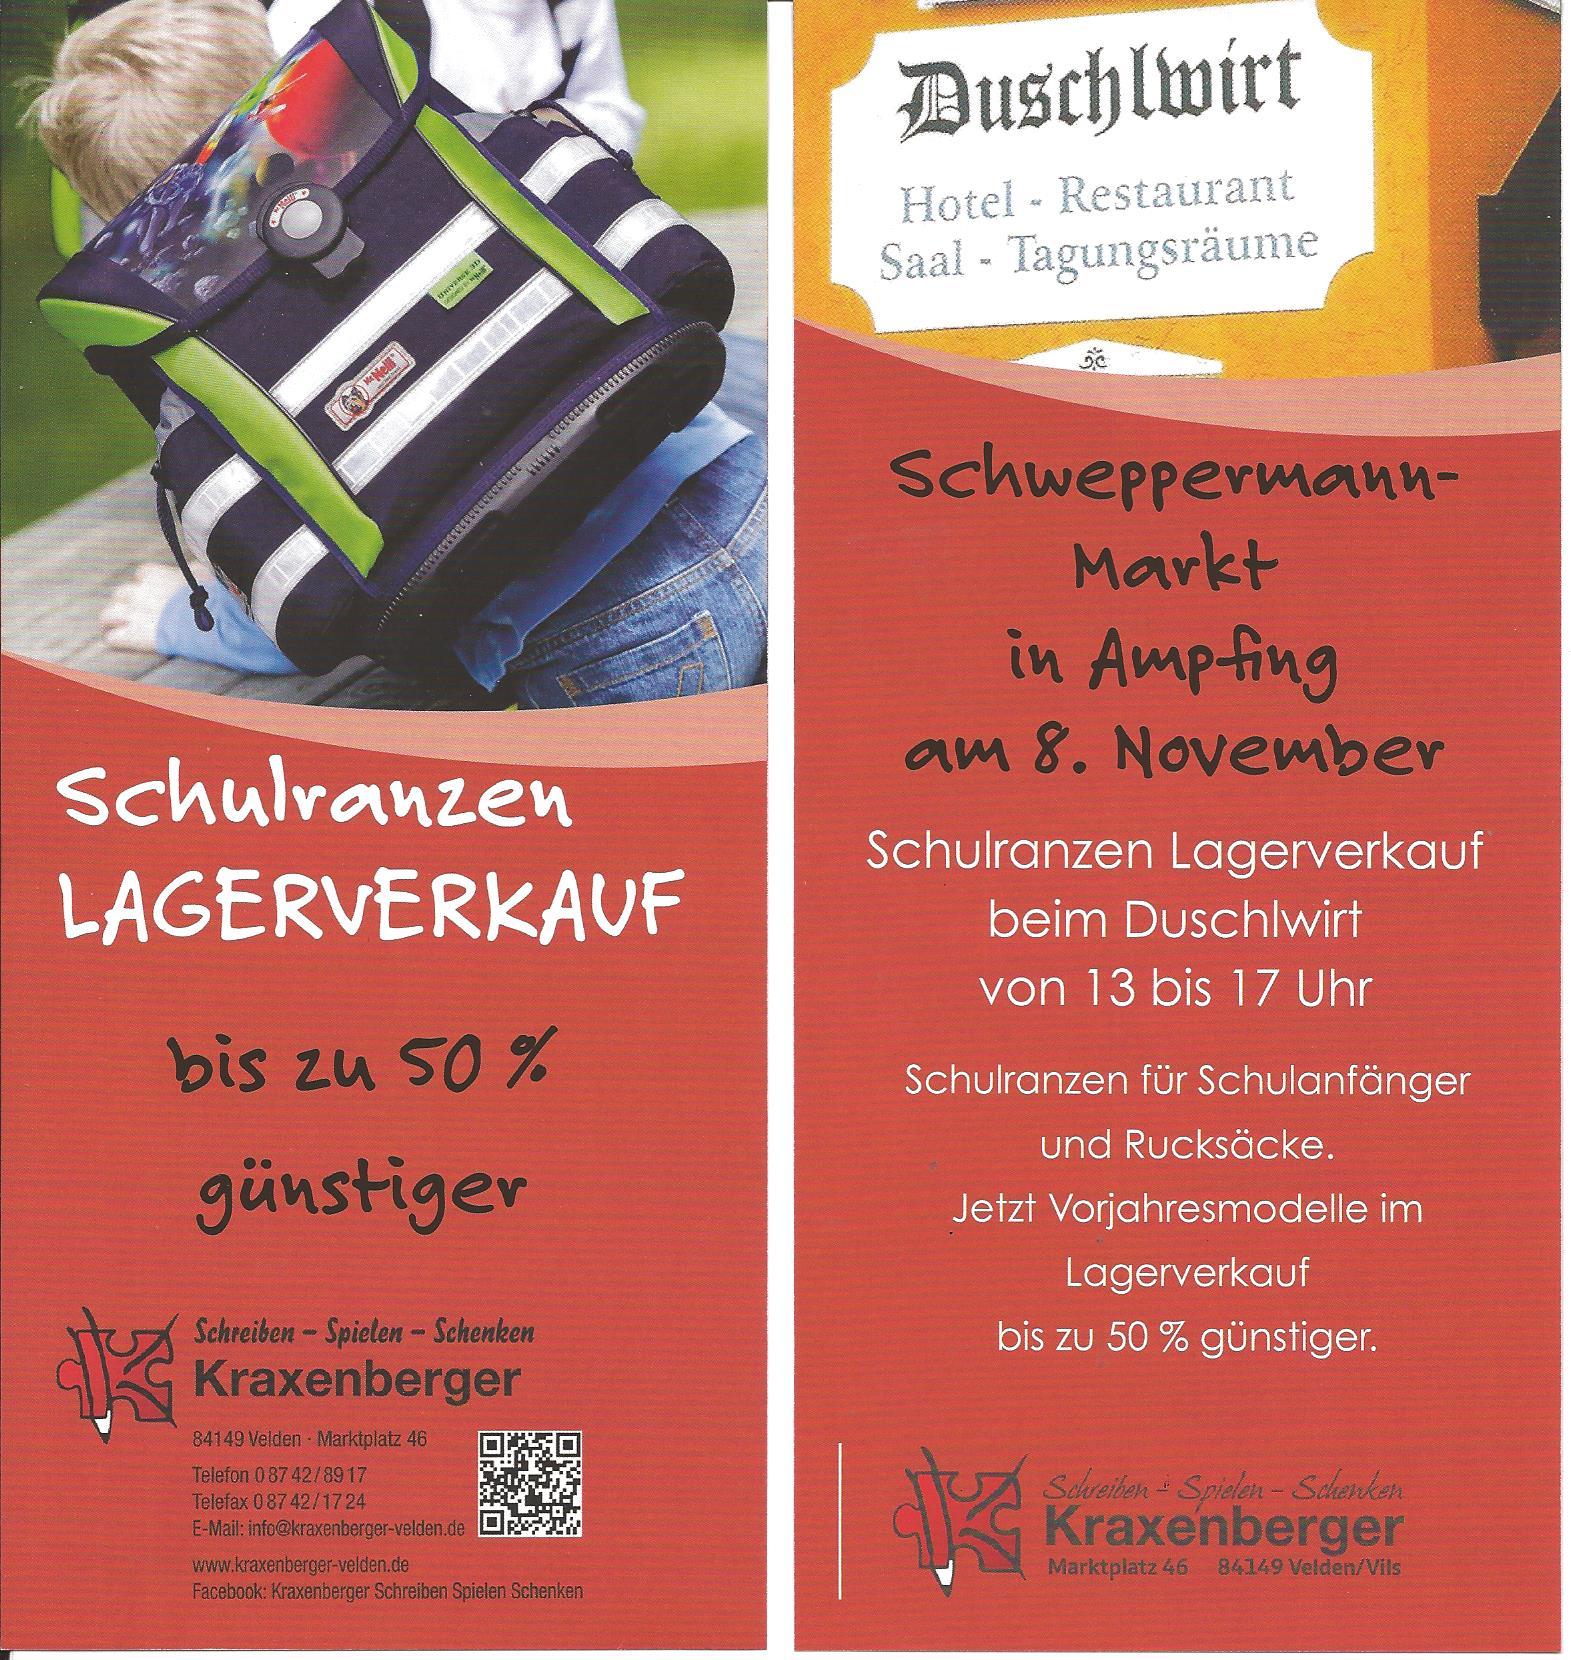 Flyer Schulranzen Lagerverkauf in Ampfing